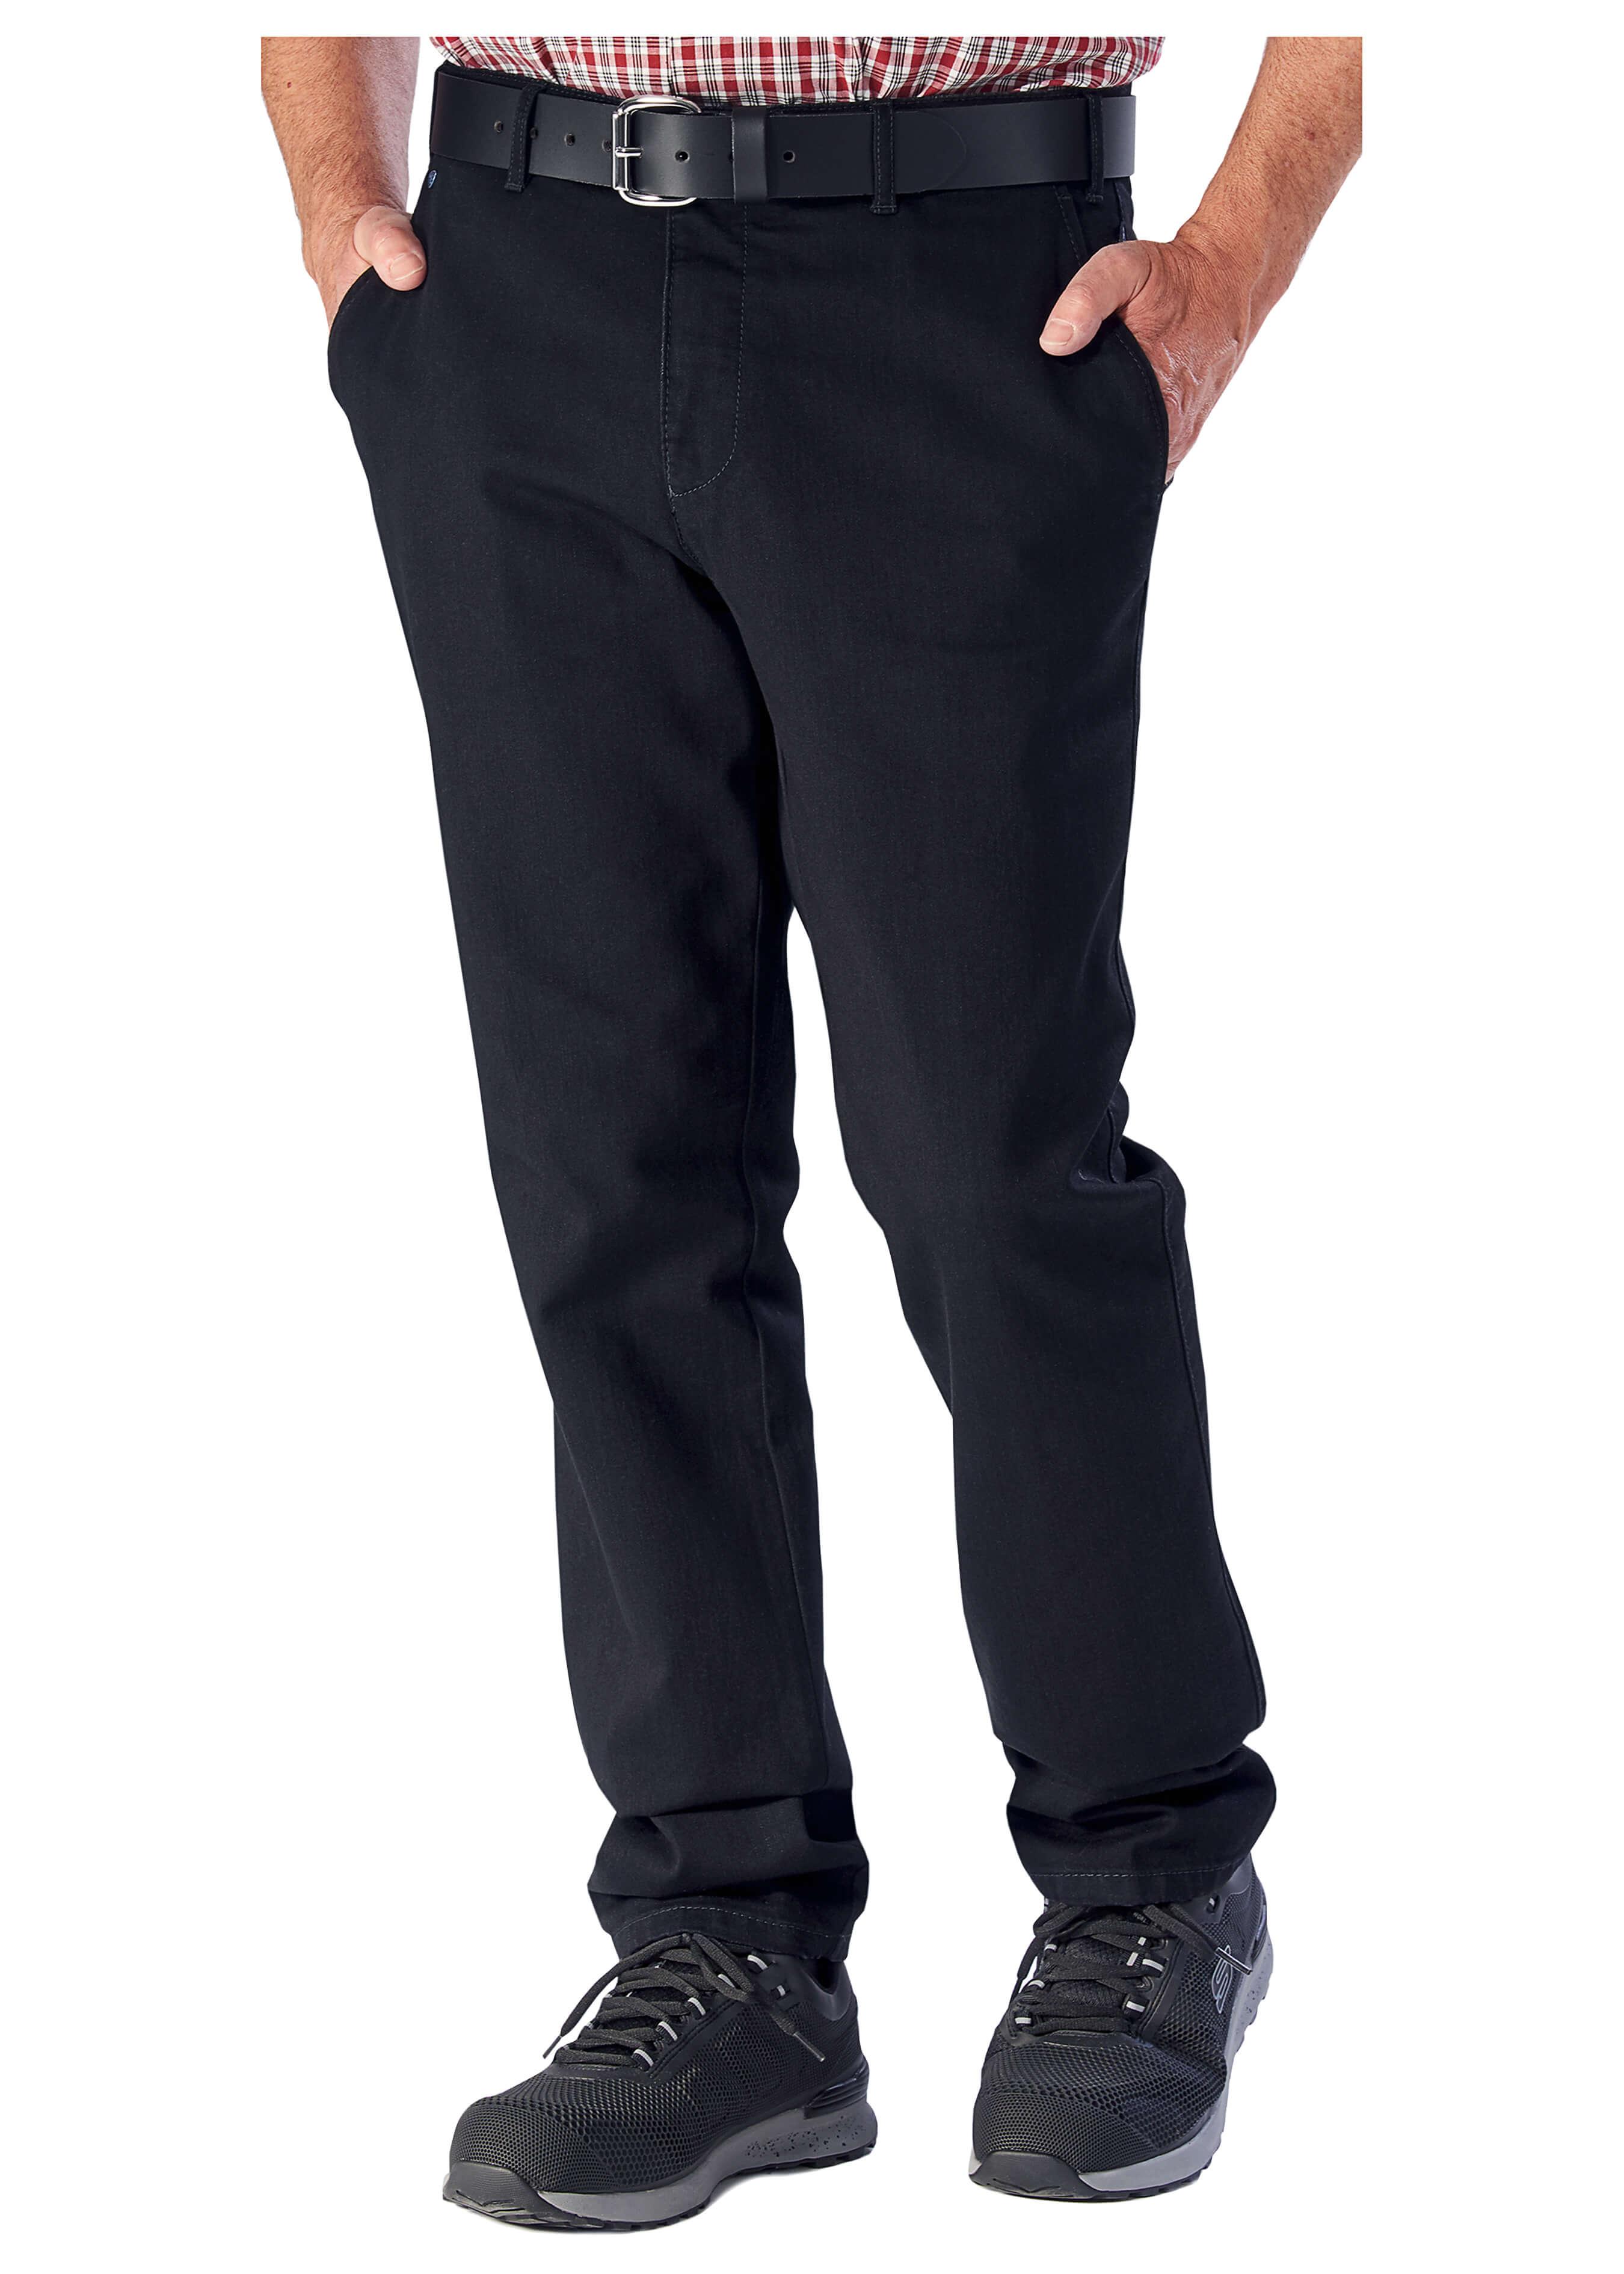 pantalon élastique ceinture basse 26761042 2